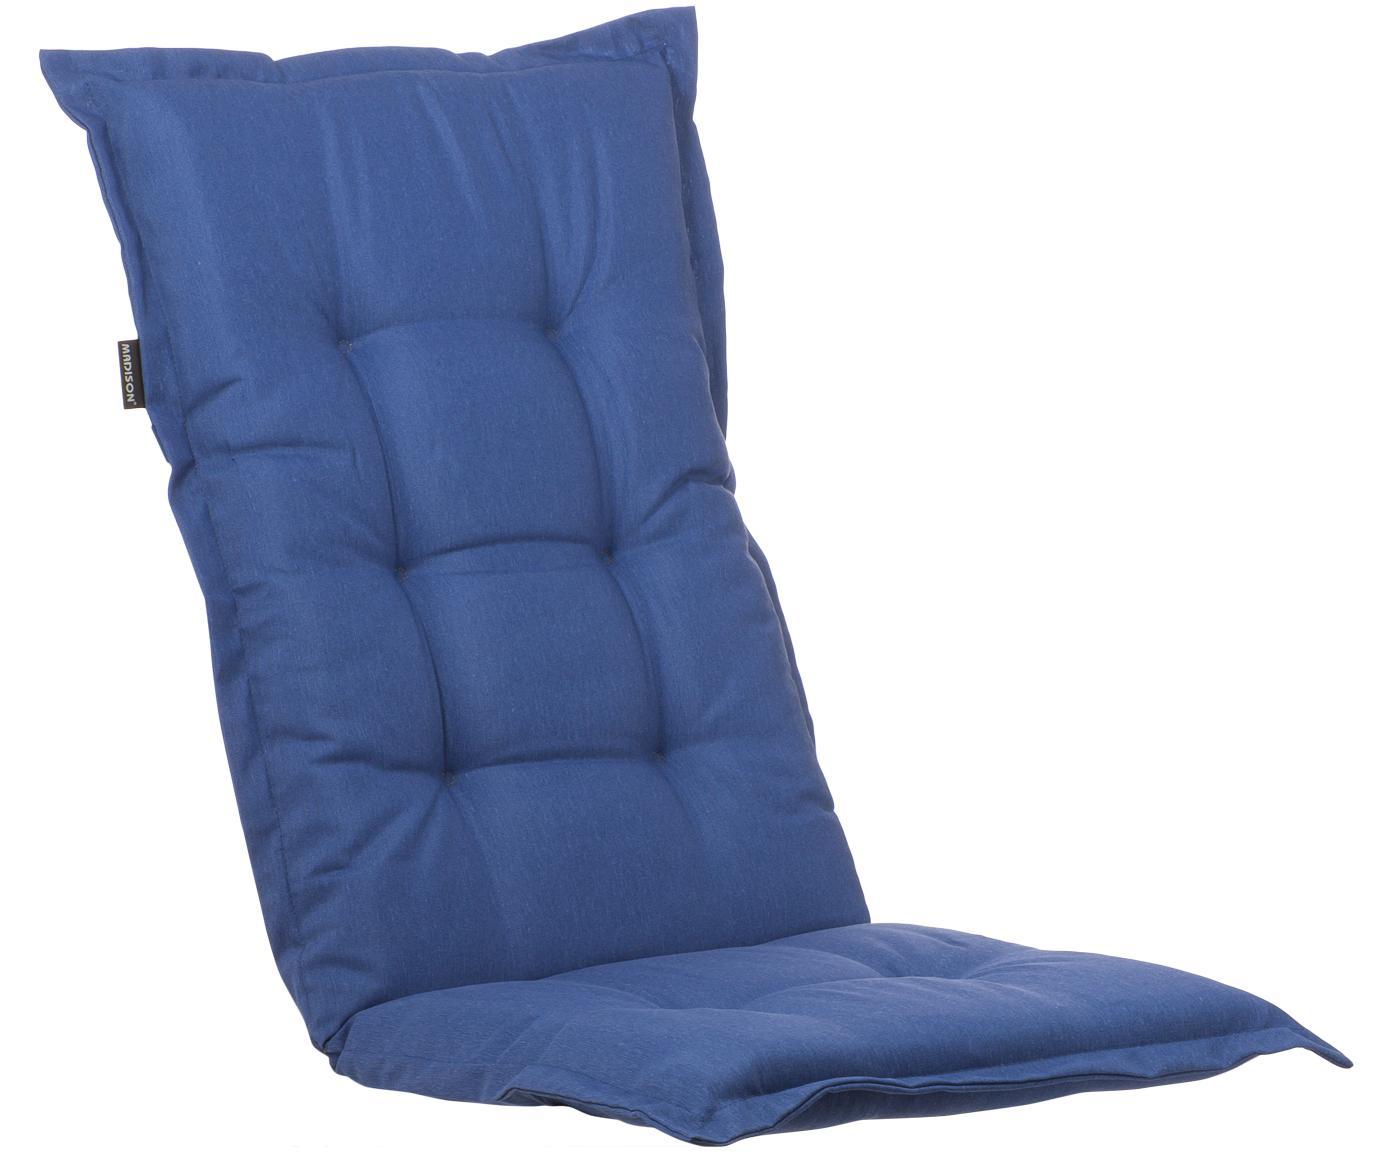 Cuscino sedia con schienale alto Panama, Rivestimento: 50% cotone, 50% poliester, Blu marino, Larg. 50 x Lung. 123 cm